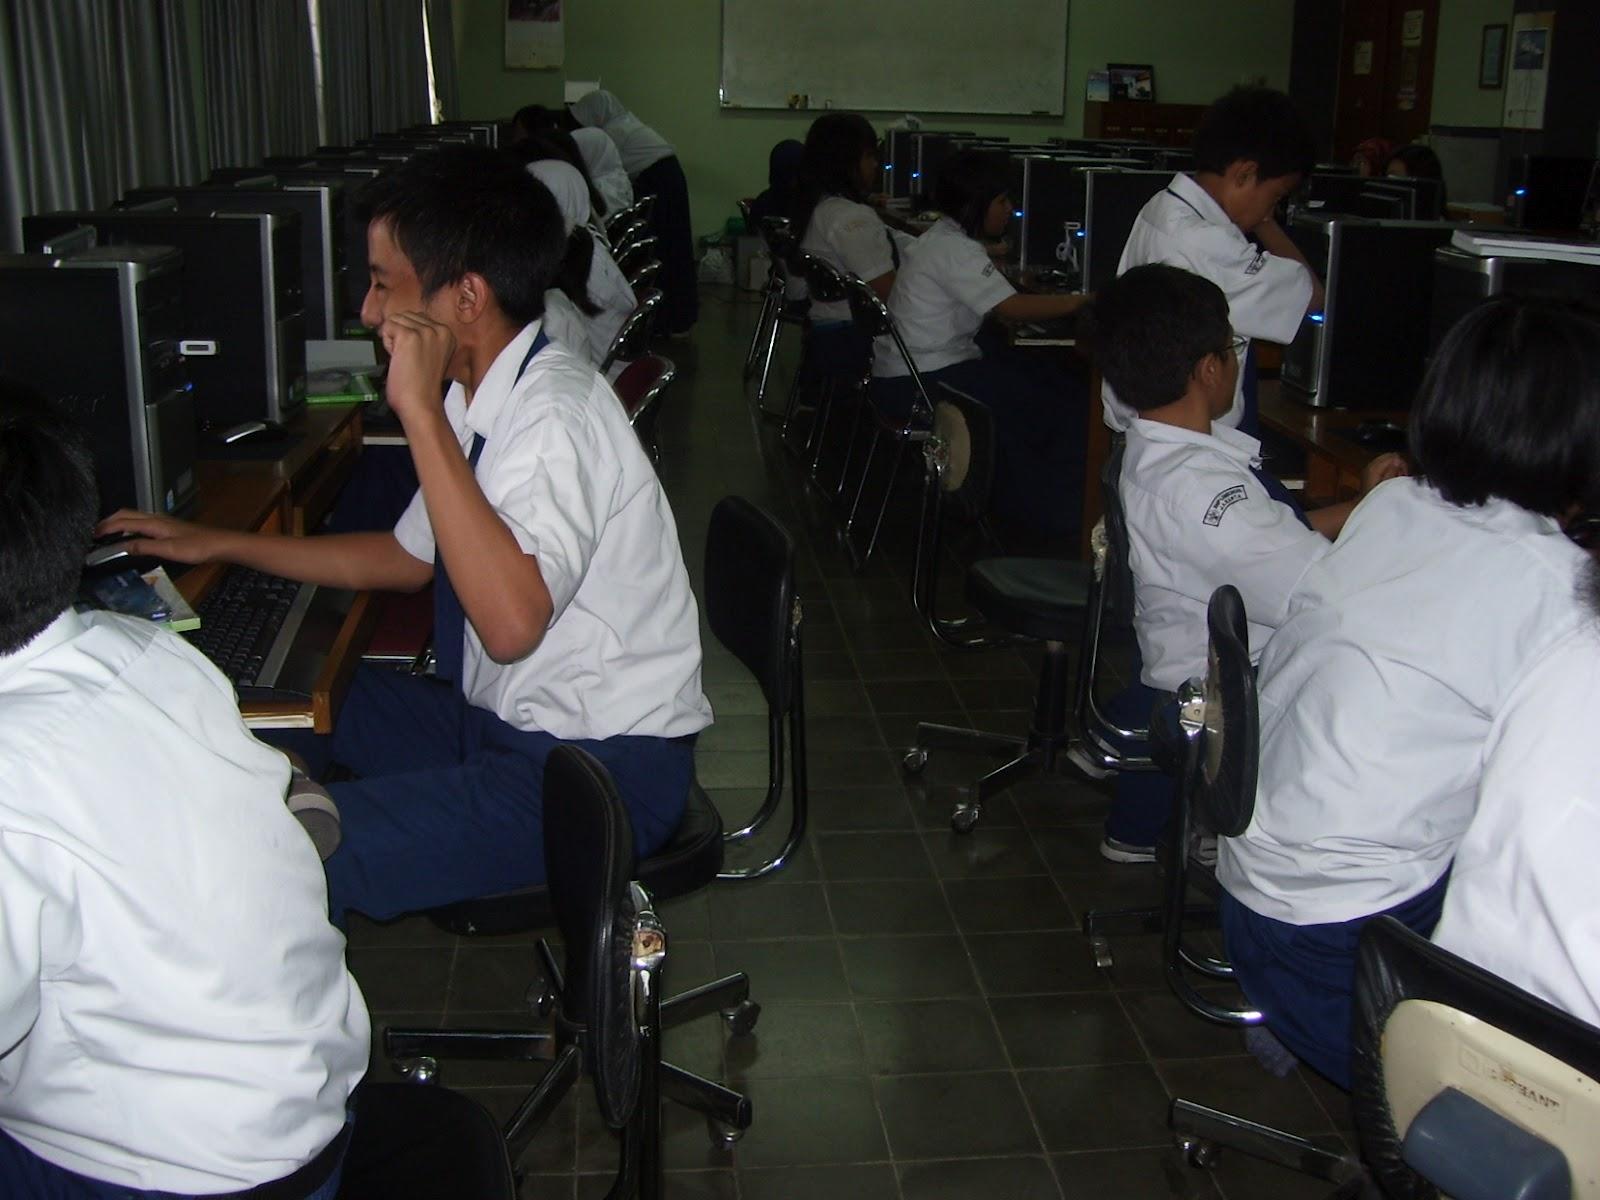 Pengaruh Game Online Terhadap Pelajar Peranan Pengaruh Teknologi Komunikasi Informasi Pada Sekedar Informasi Pengaruh Game Online Terhadap Pelajar